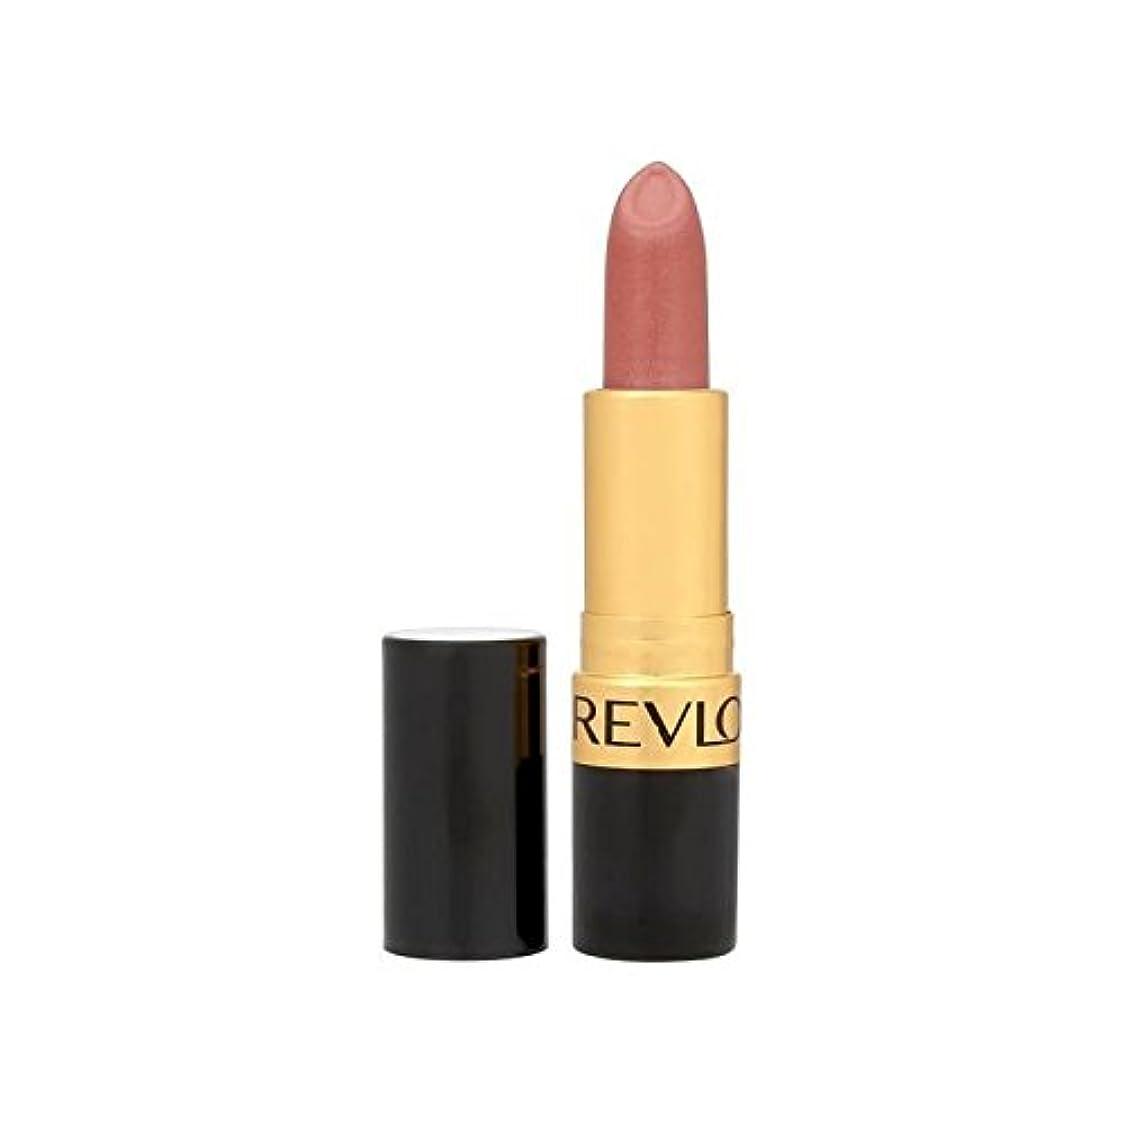 どこにでも繁雑キャッシュレブロンスーパー光沢のある口紅は420を赤らめ x2 - Revlon Super Lustrous Lipstick Blushed 420 (Pack of 2) [並行輸入品]